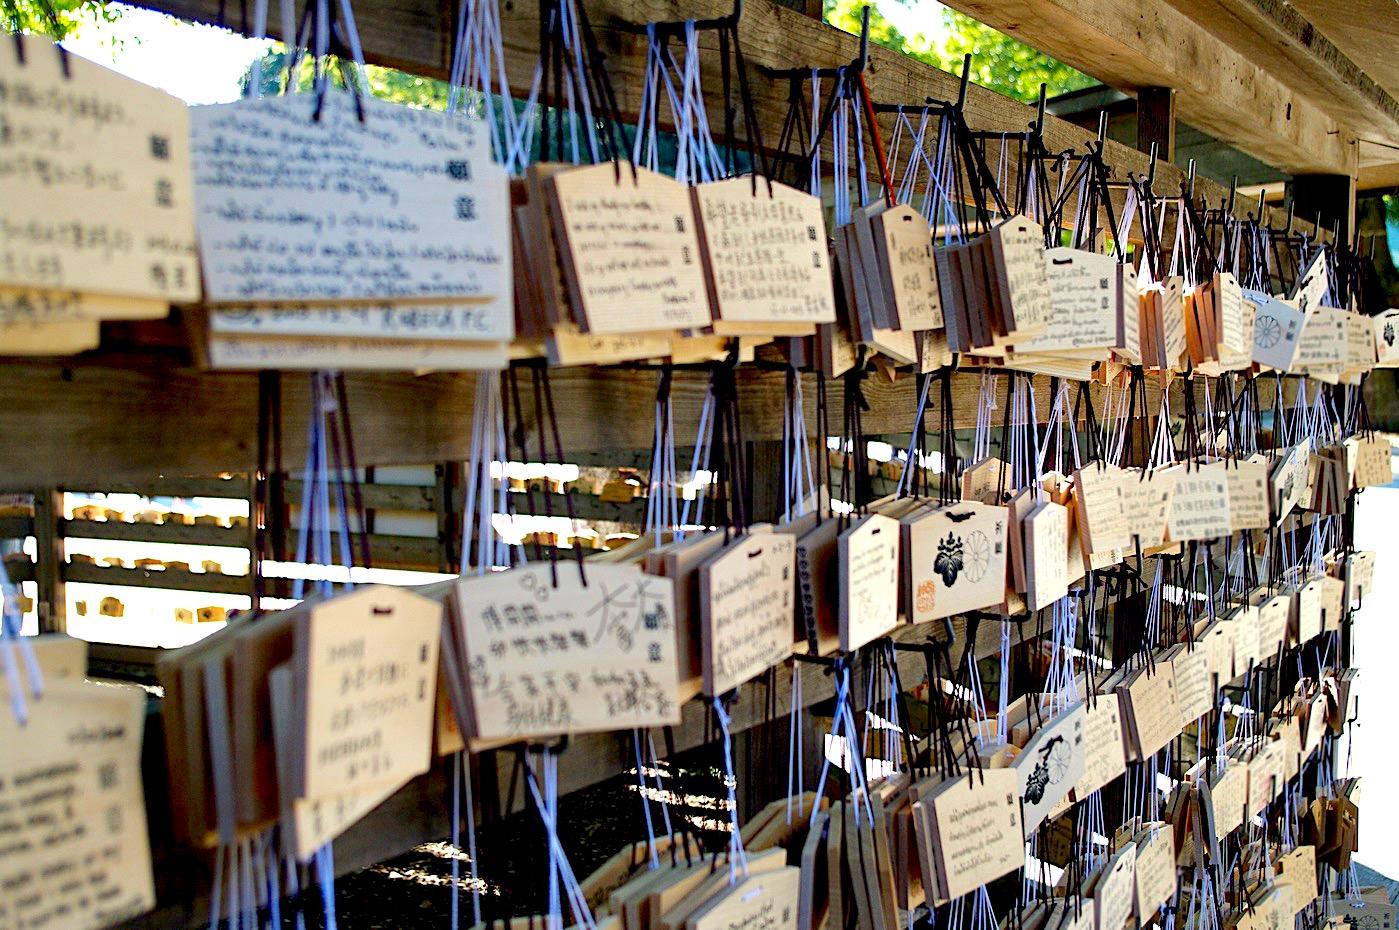 日本旅遊神社寫繪馬、抽籤詩☆注意事項總整理